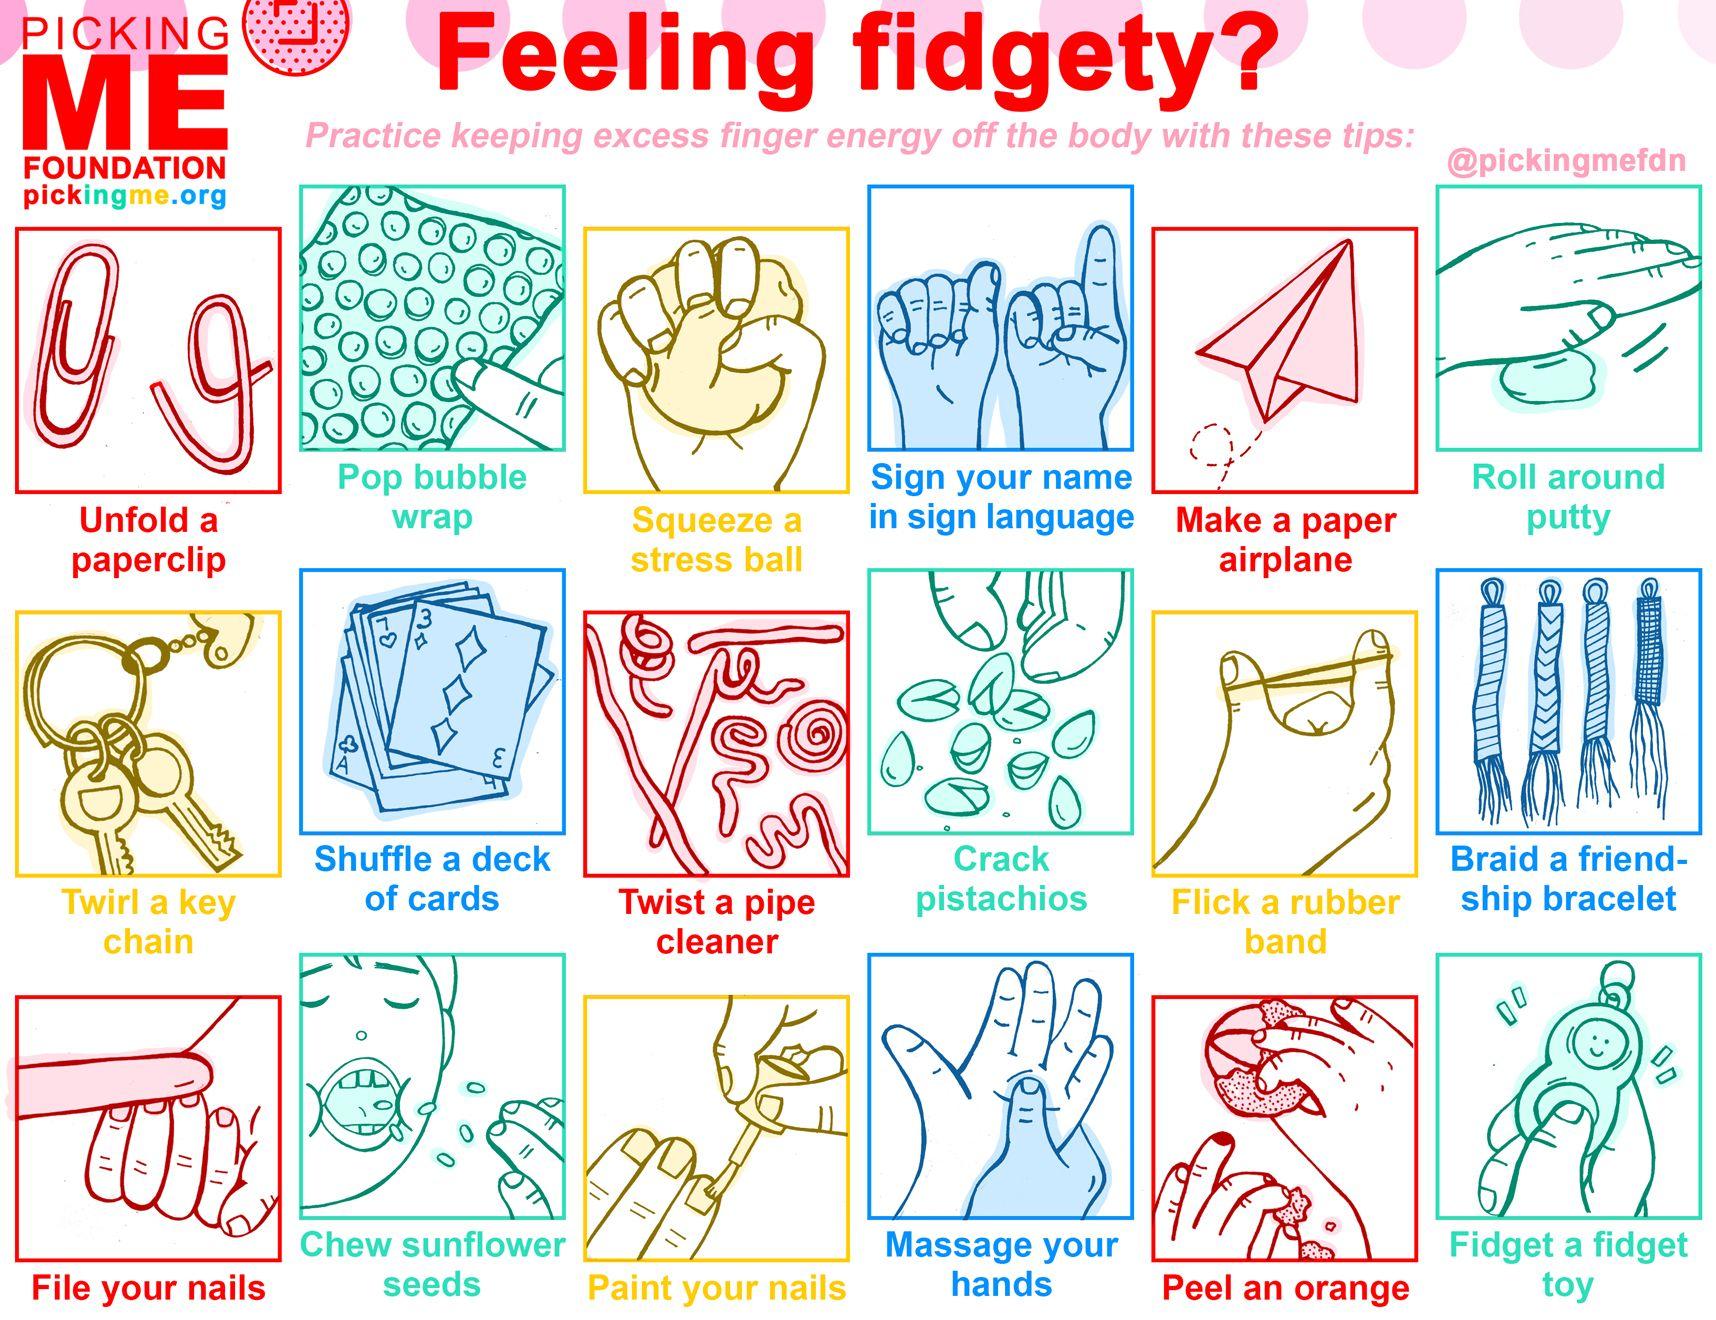 Tips for Fidgety Fingers During Quarantine